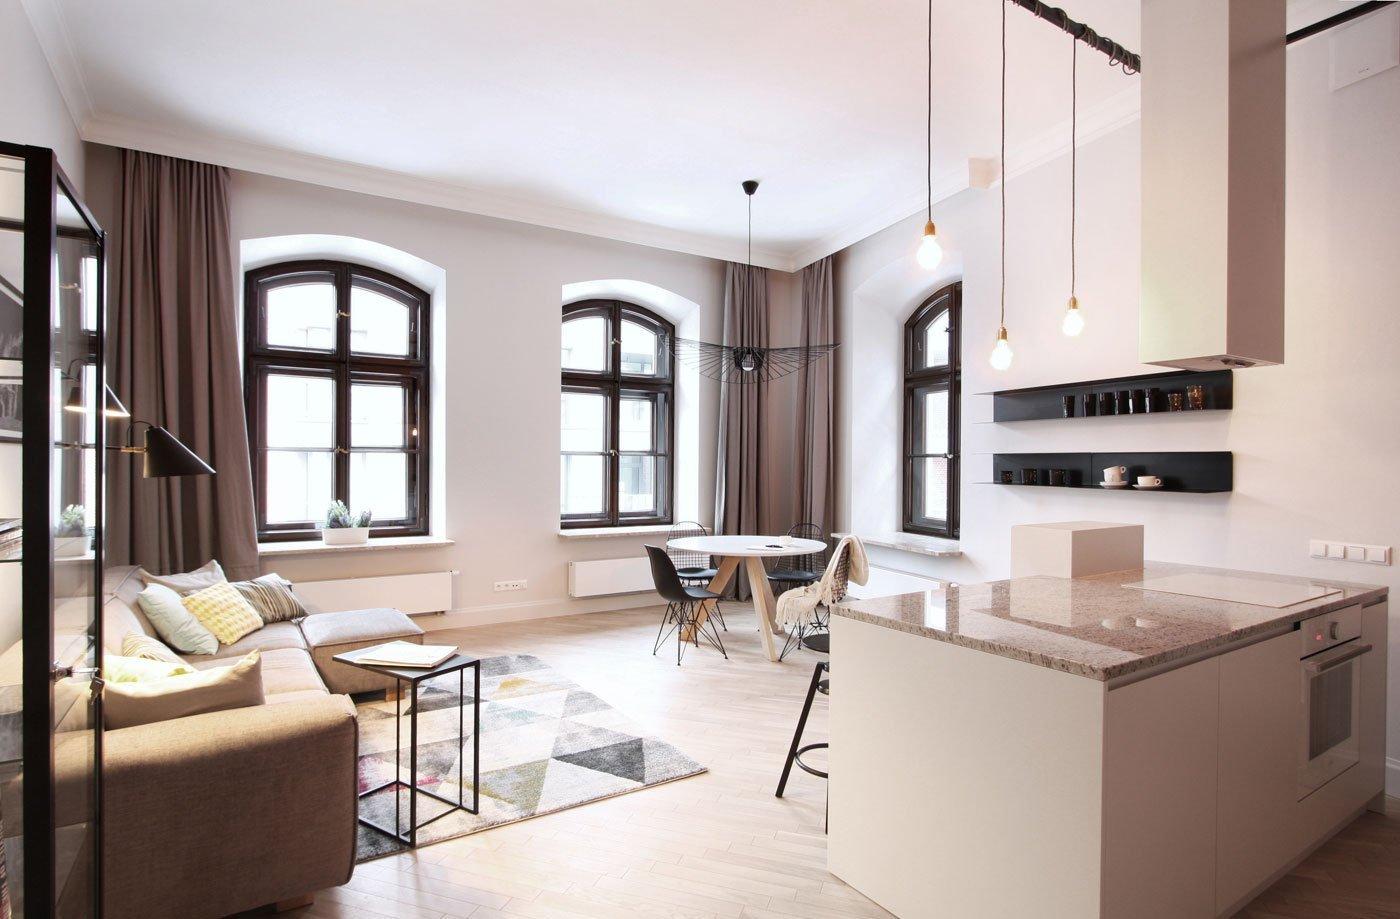 Loftové bydlení je spolu s industriálním stylem v interiérech velkým fenoménem současnosti. Jinak tomu nebylo ani při zařizování tohoto 78 metrů čtverečních velkého bytu, jehož vlastník toužil spojit kouzlo historické budovy spolu s moderním designem, který bude nejen hezký na pohled, ale i funkční.